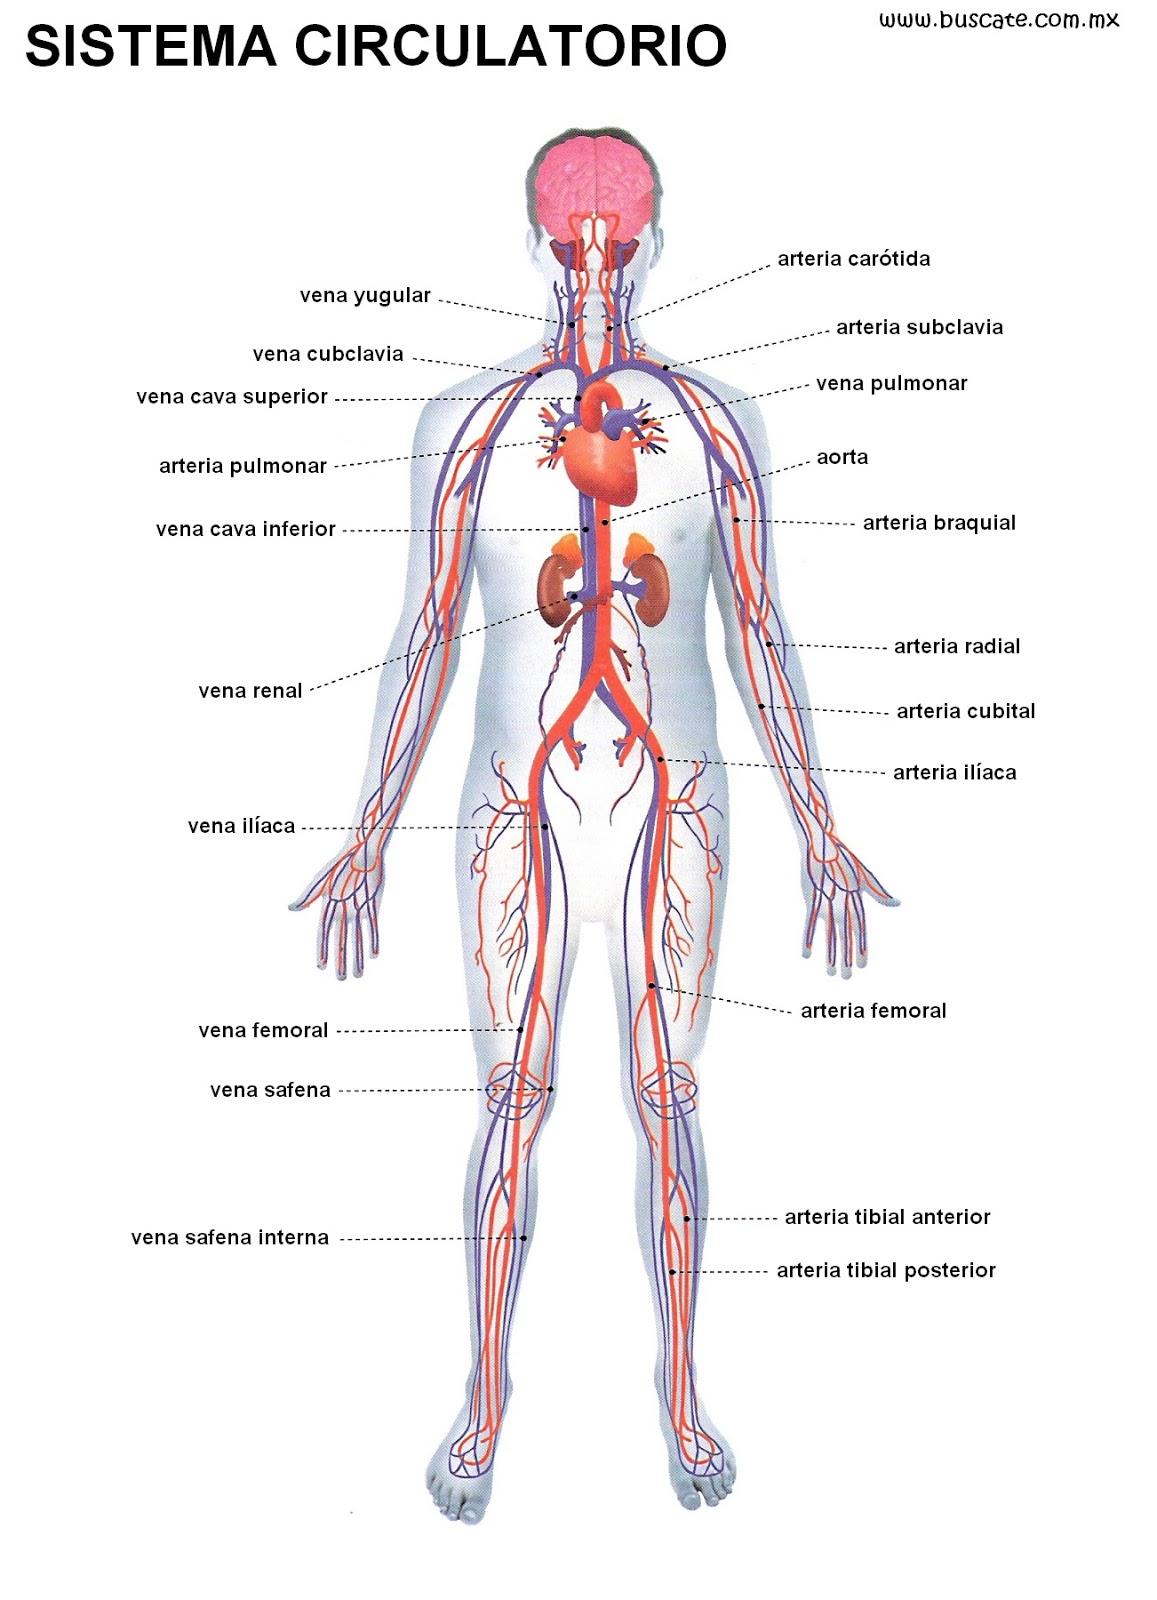 El Cuerpo Humano: Sistema Circulatorio